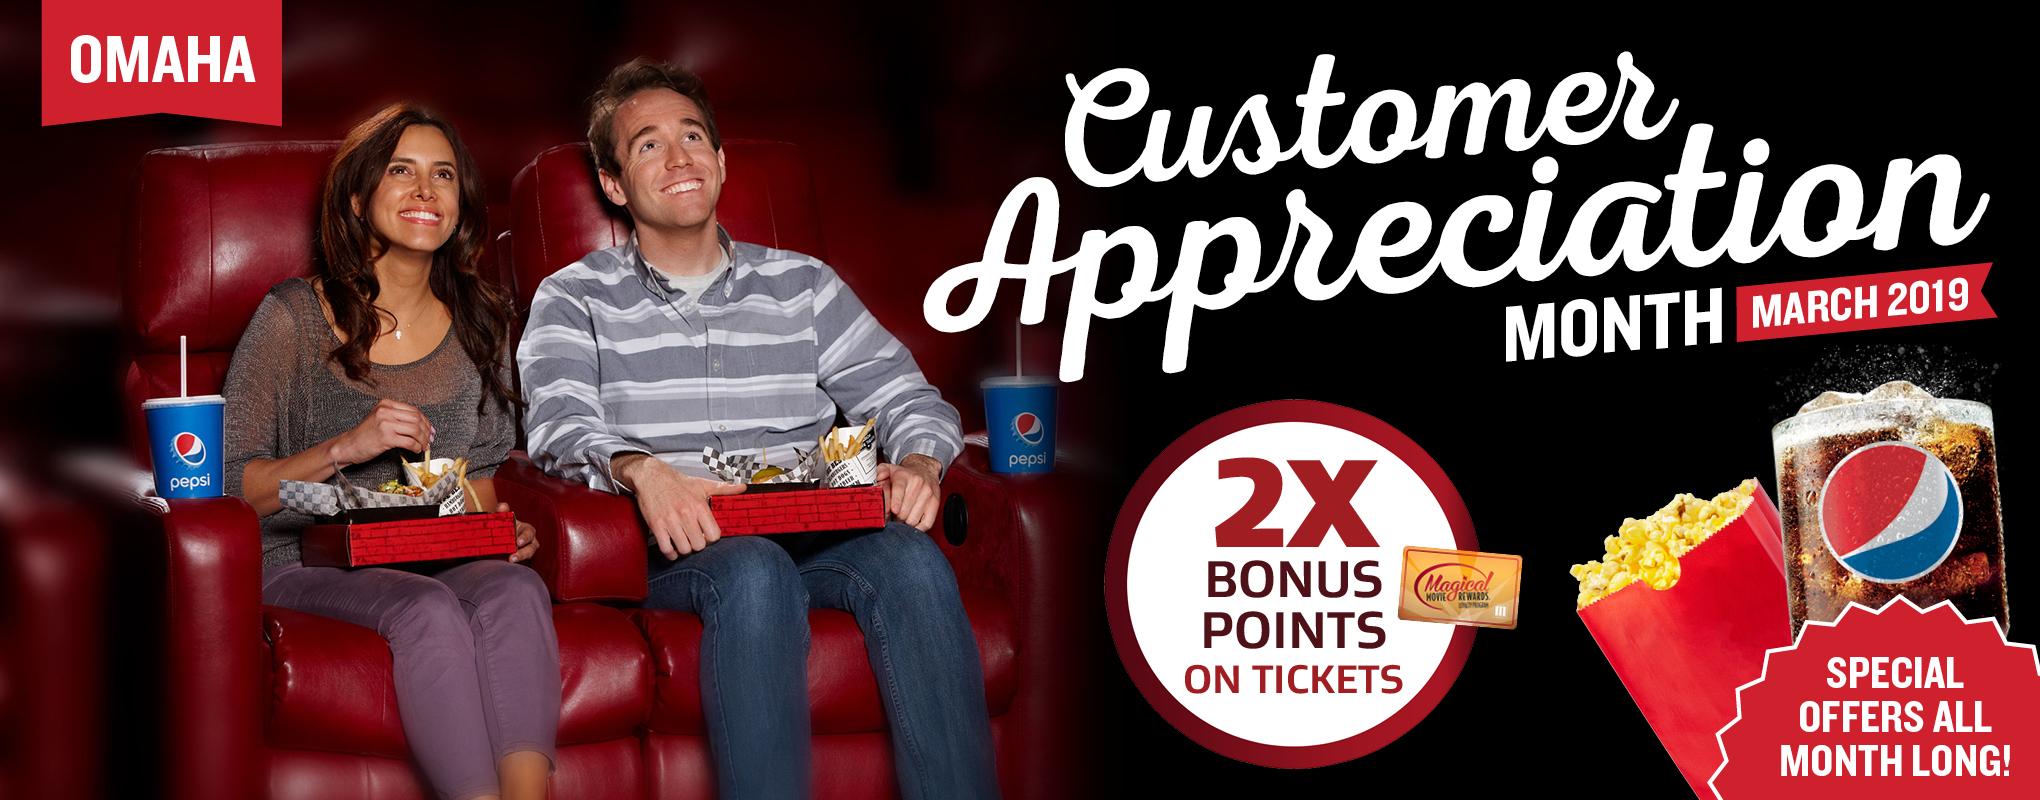 Omaha Customer Appreciation Month